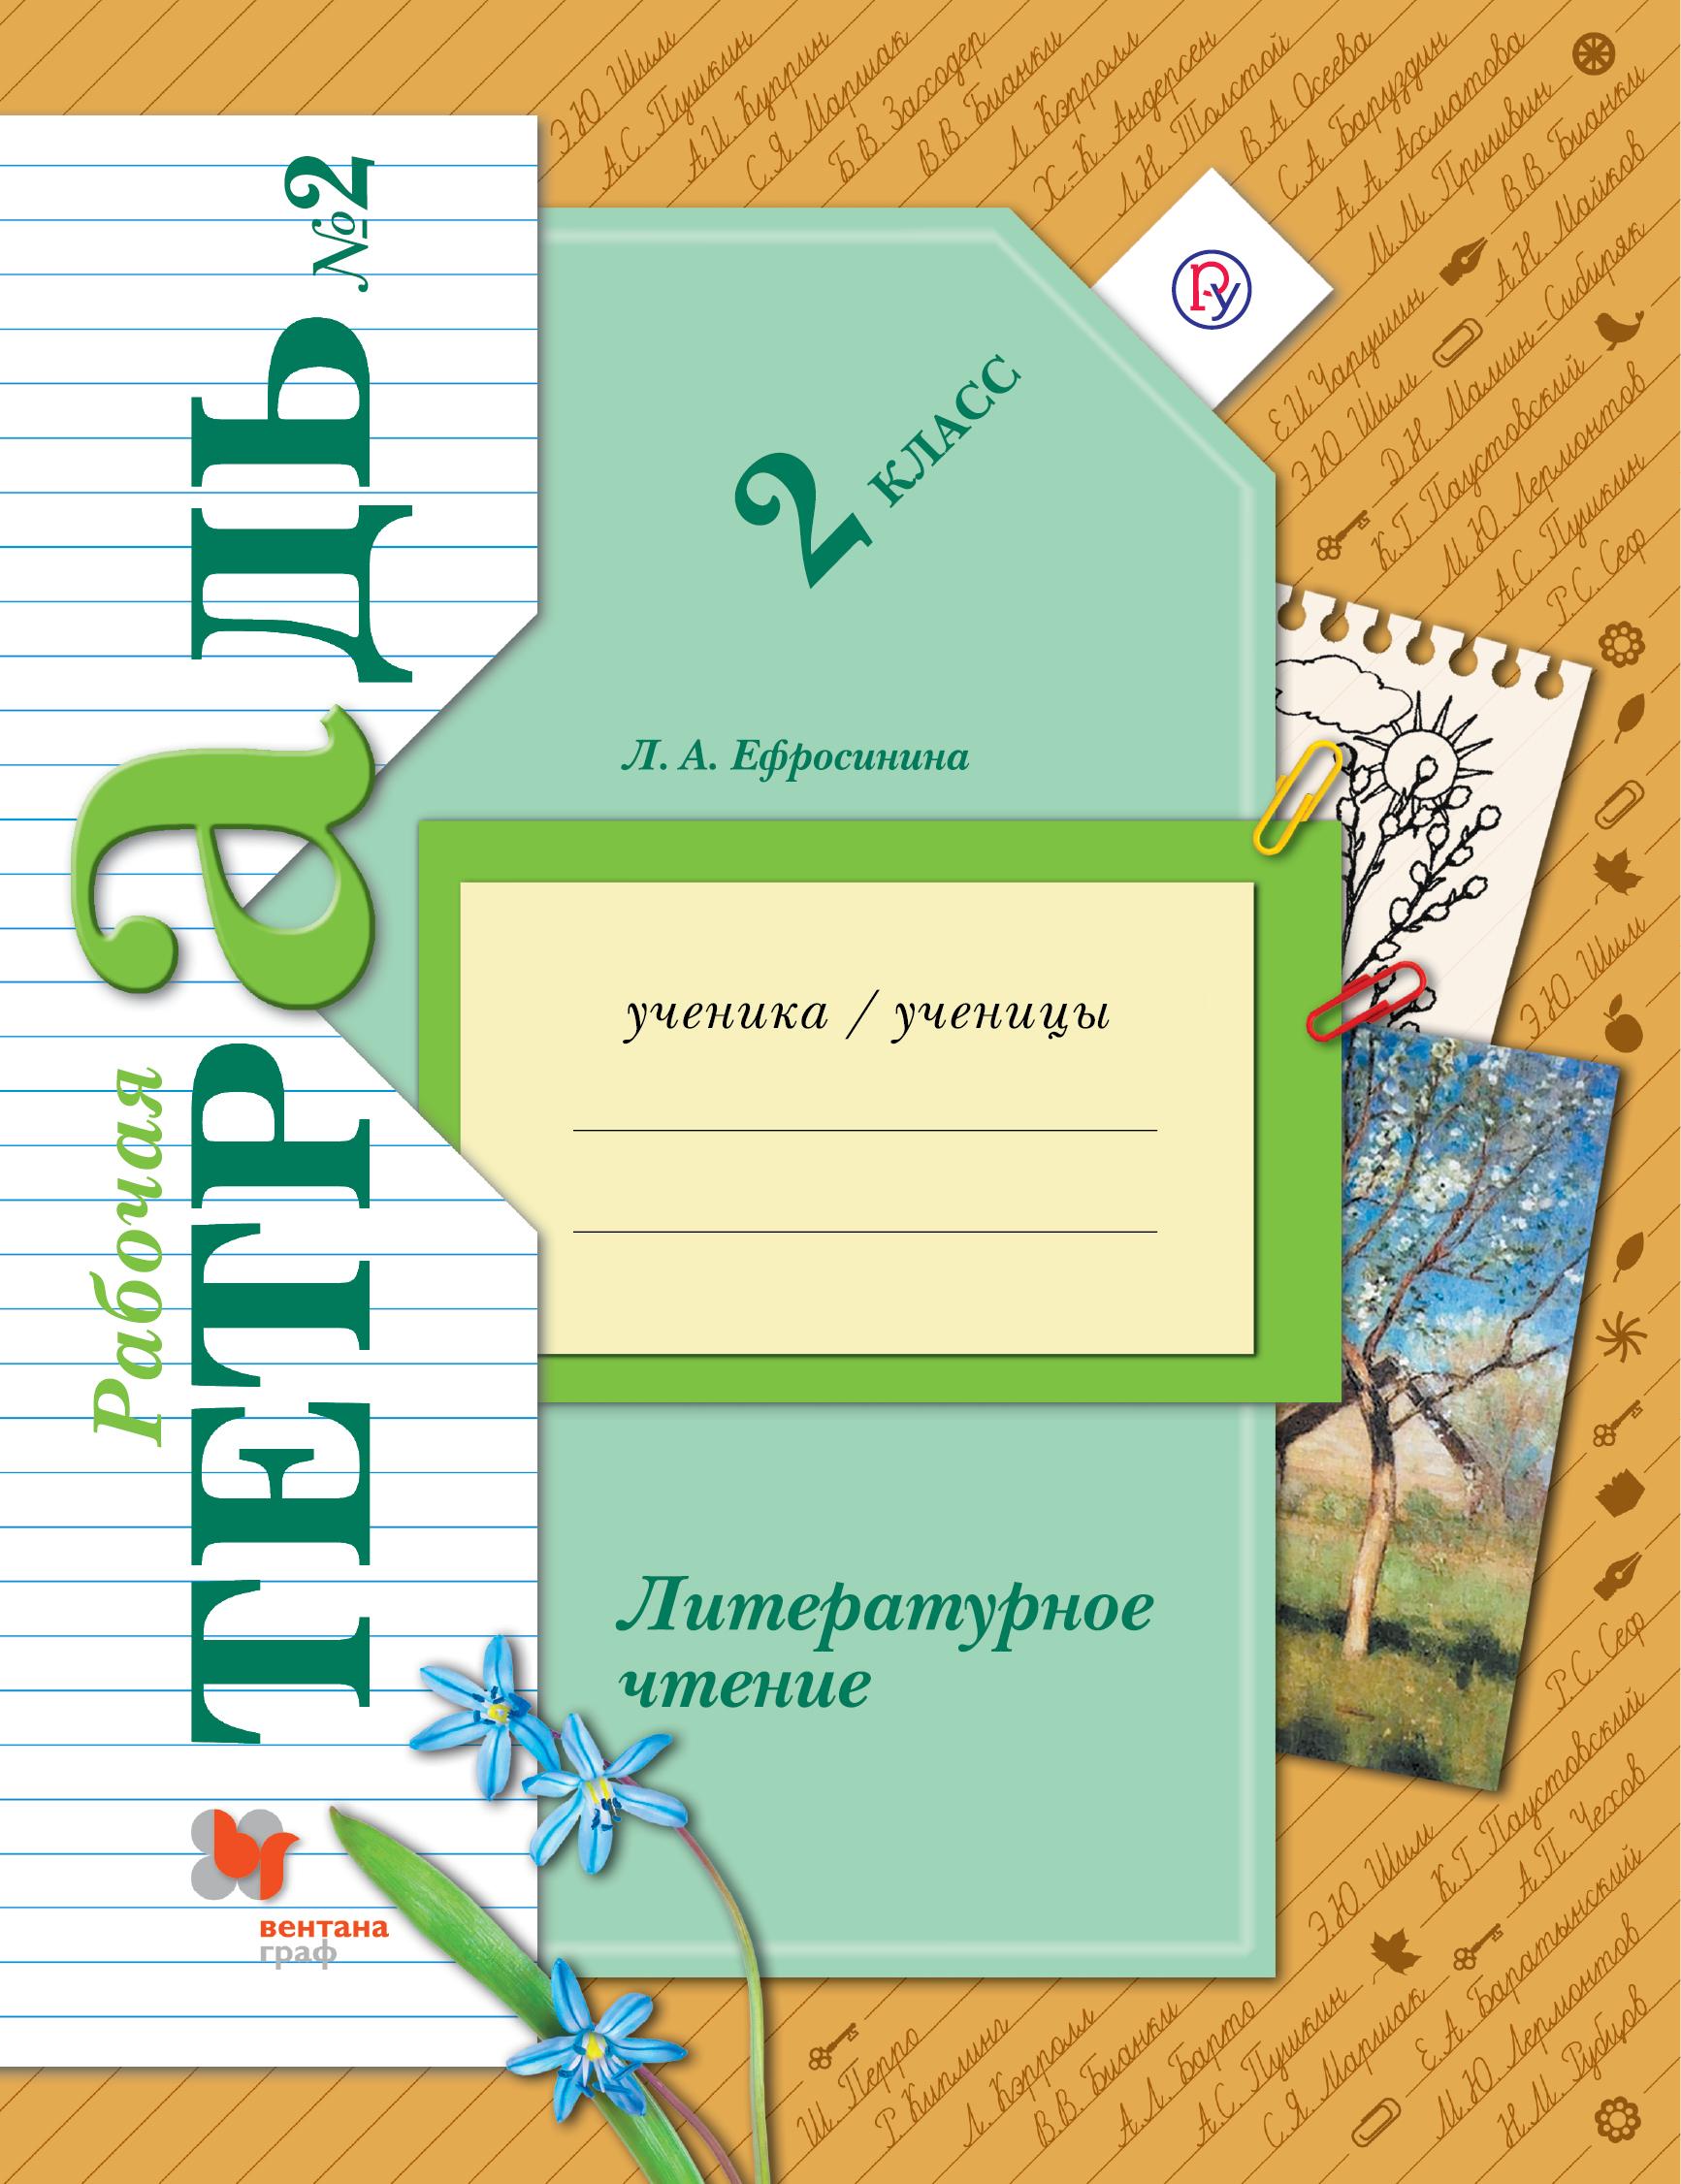 Ефросинина Л.А. Литературное чтение. 2 класс. Рабочая тетрадь №2.